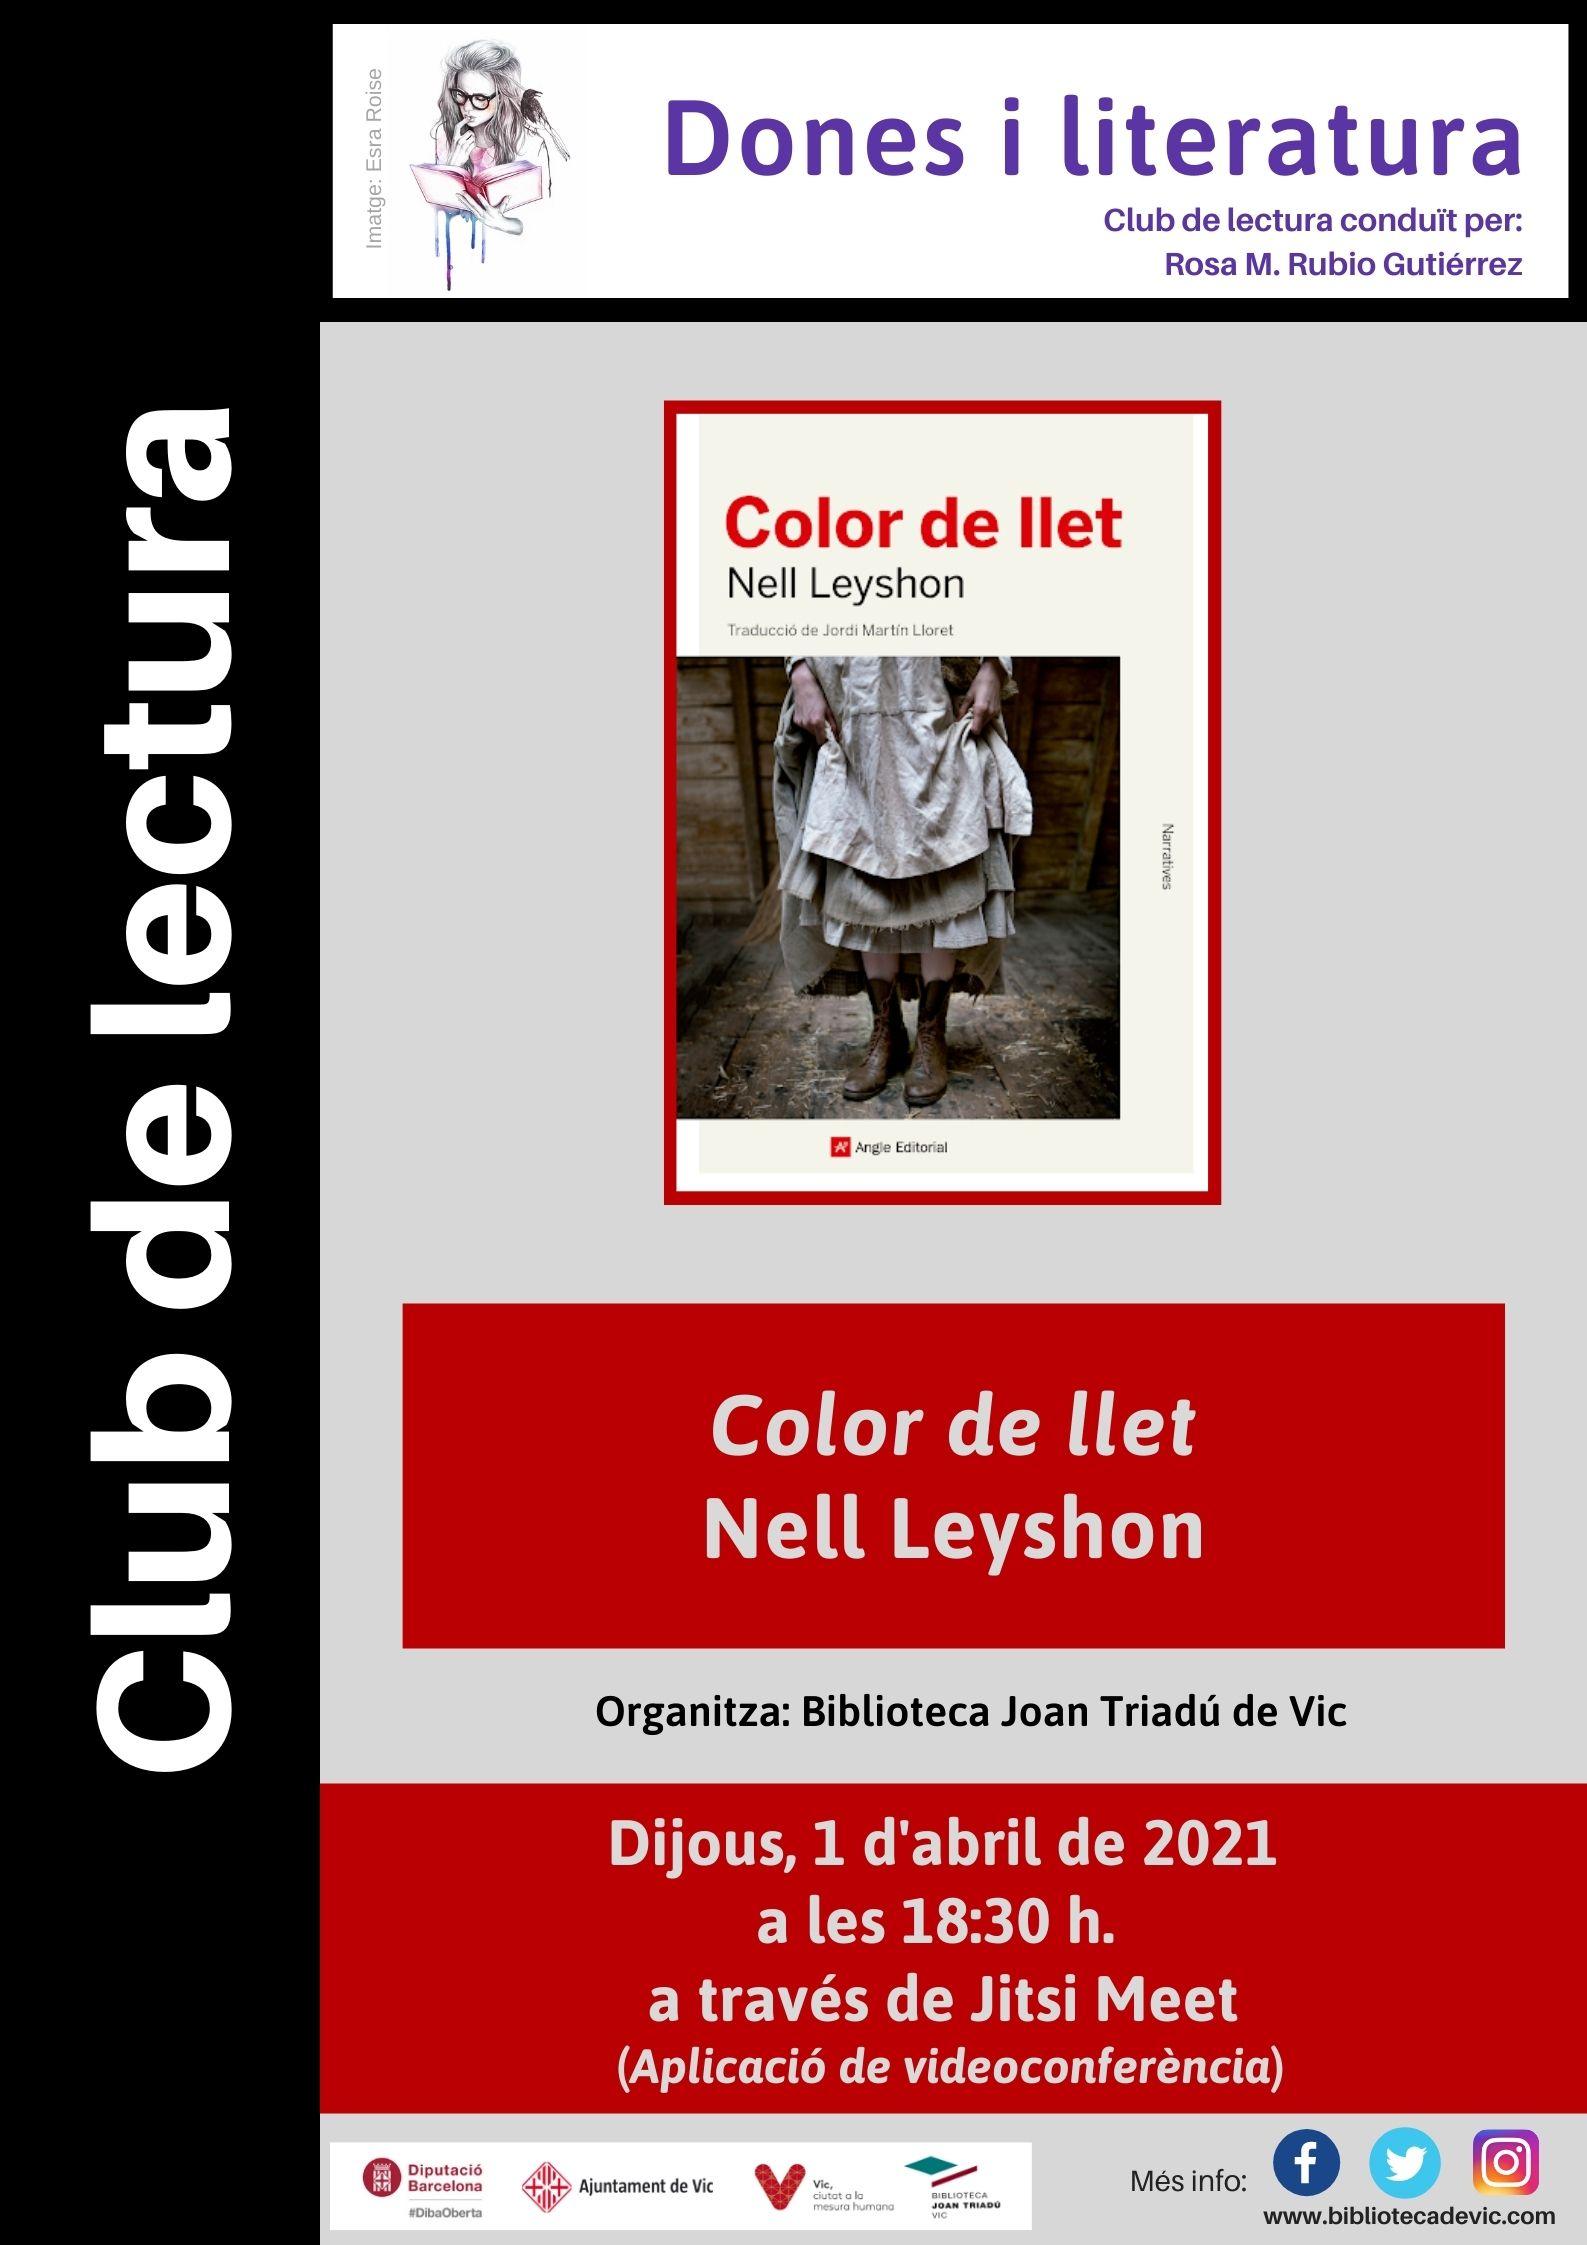 Club de lectura Dones i literatura: Color de llet de Nell Leyshon